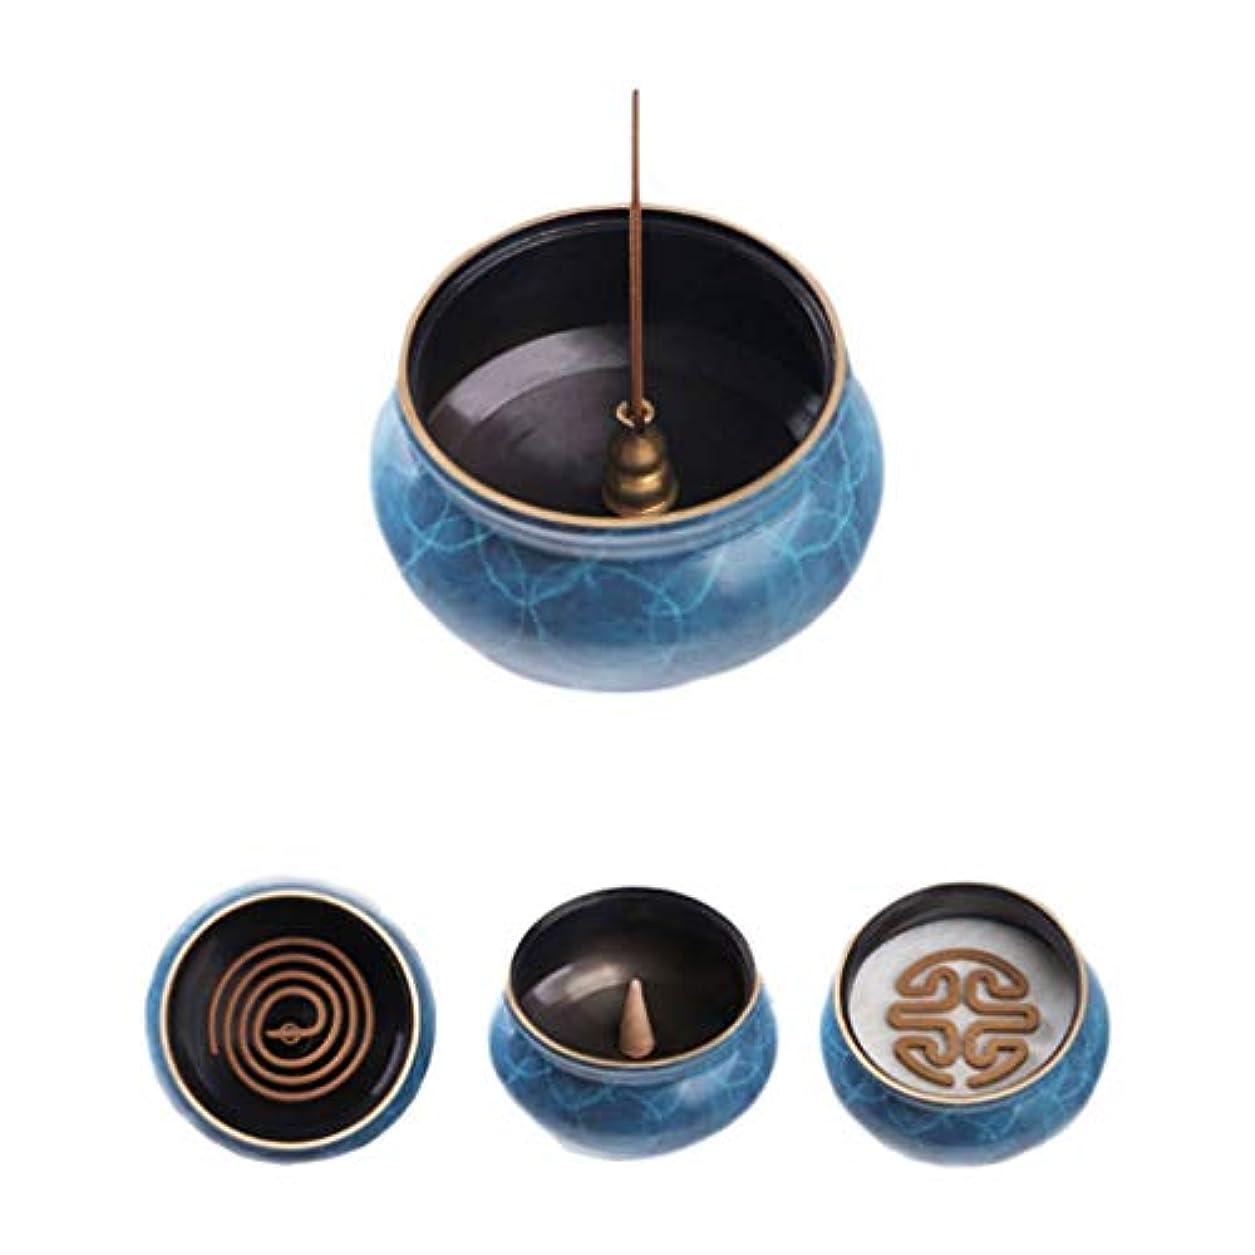 バクテリア民兵パノラマホームアロマバーナー 純粋な銅香炉ホームアンティーク白檀用仏寒天香炉香り装飾アロマセラピー炉 アロマバーナー (Color : Blue copper)